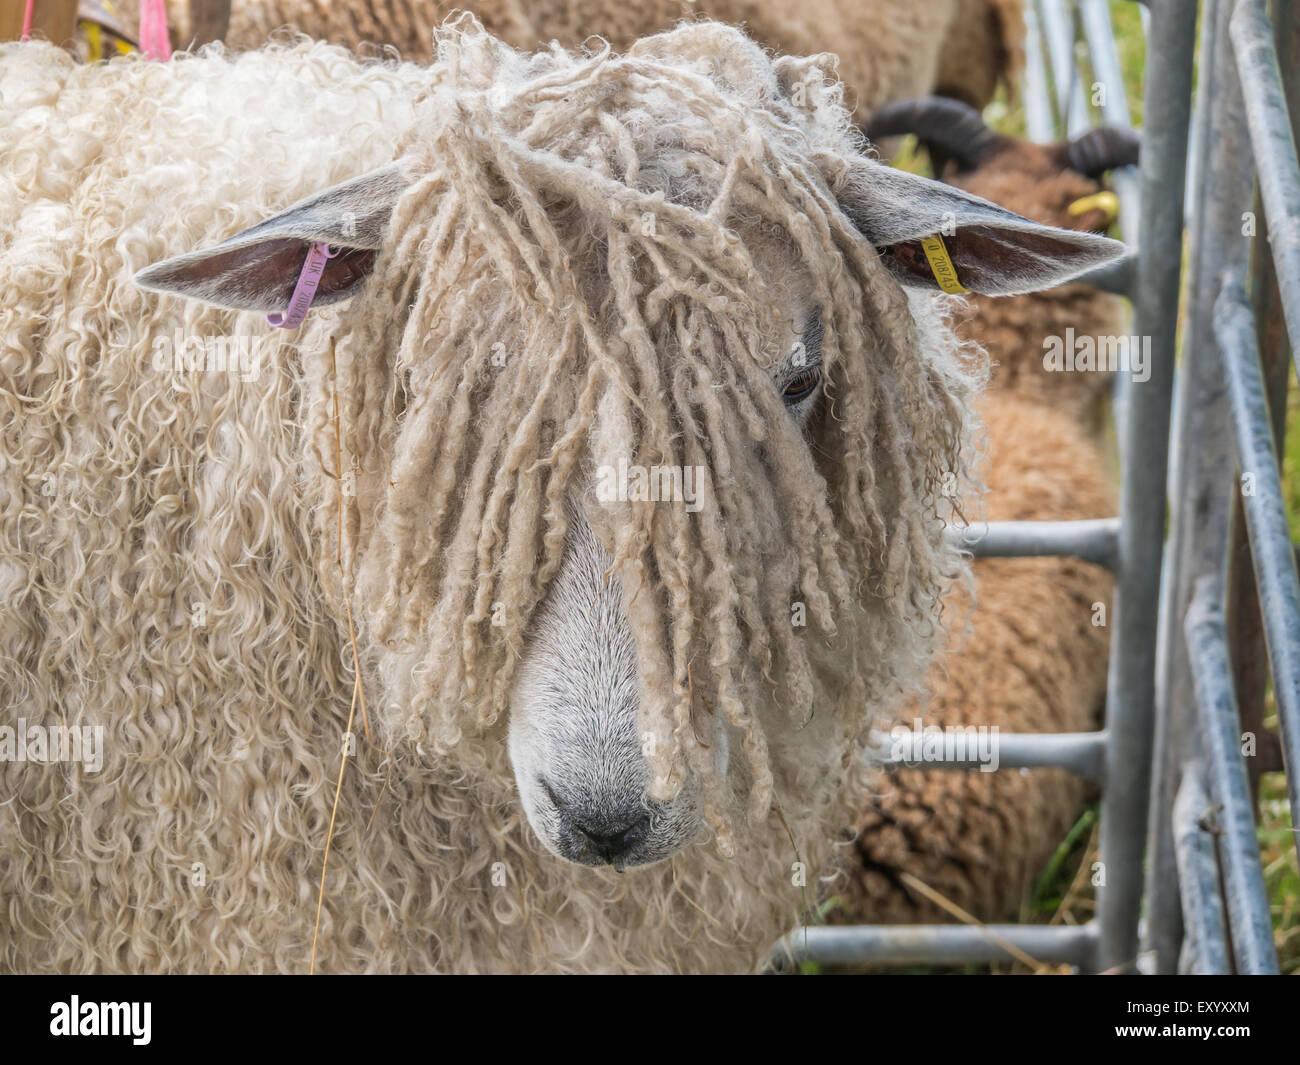 Rare breed sheep - Stock Image